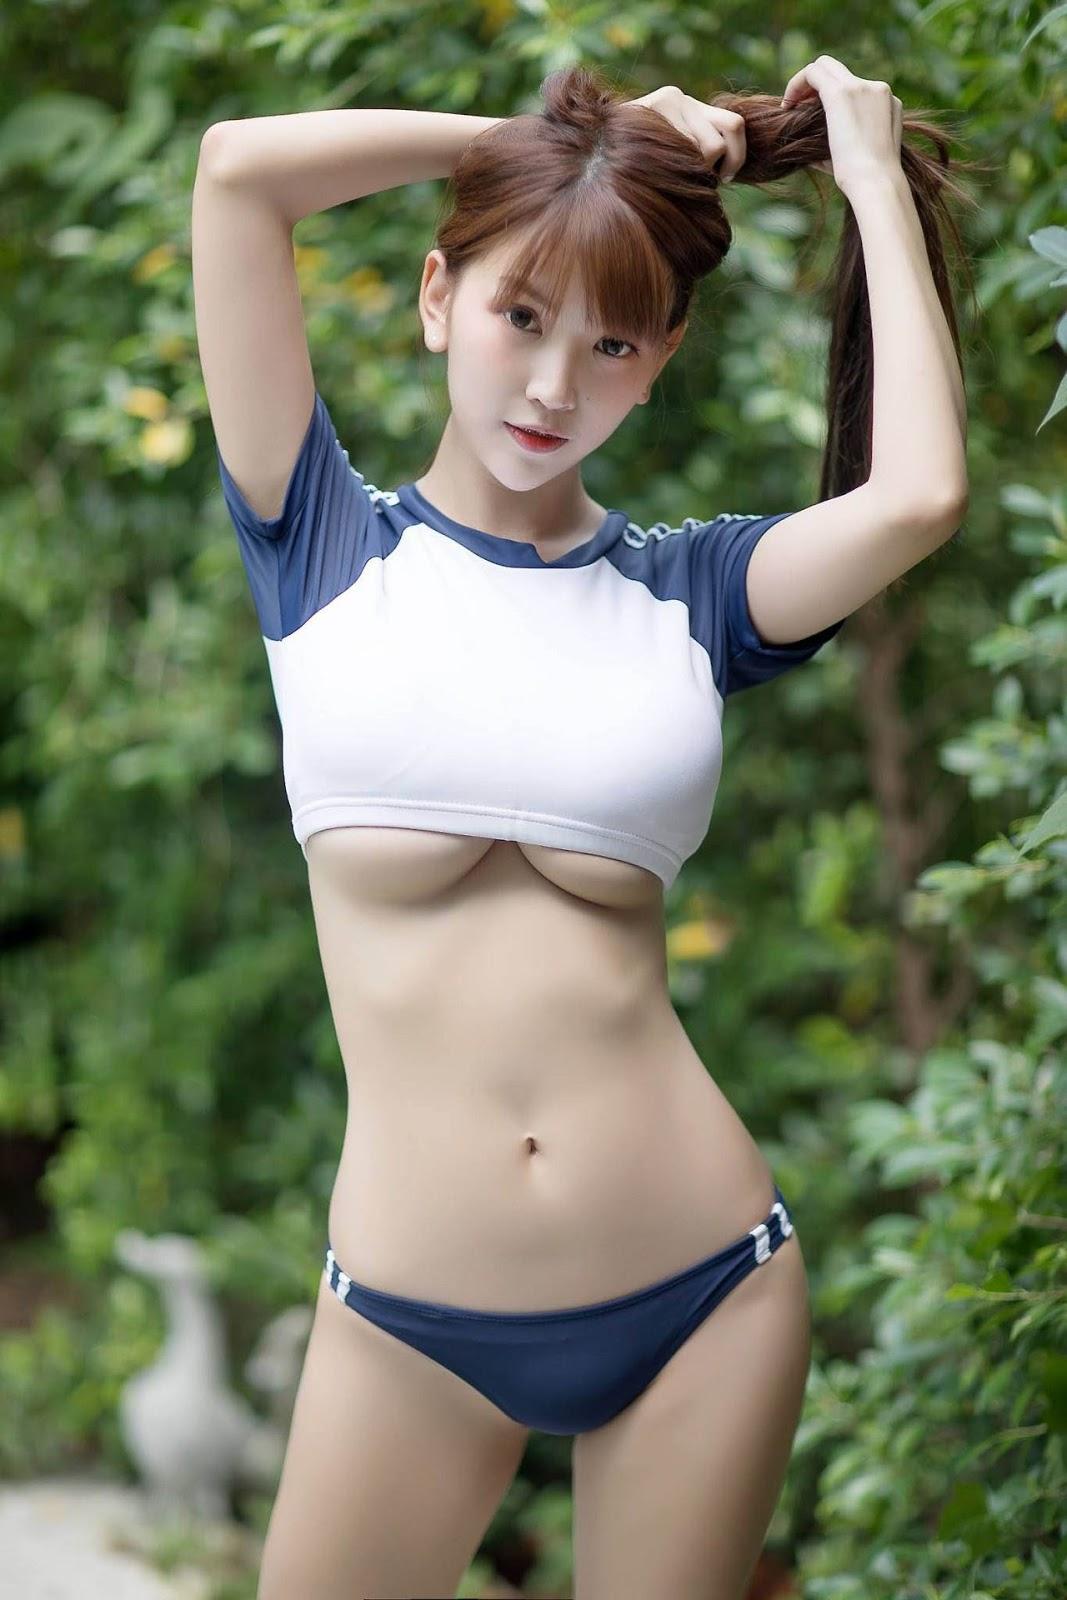 Bộ sưu tập hình ảnh girl xinh khoe nội y lộ hàng khiêu dâm